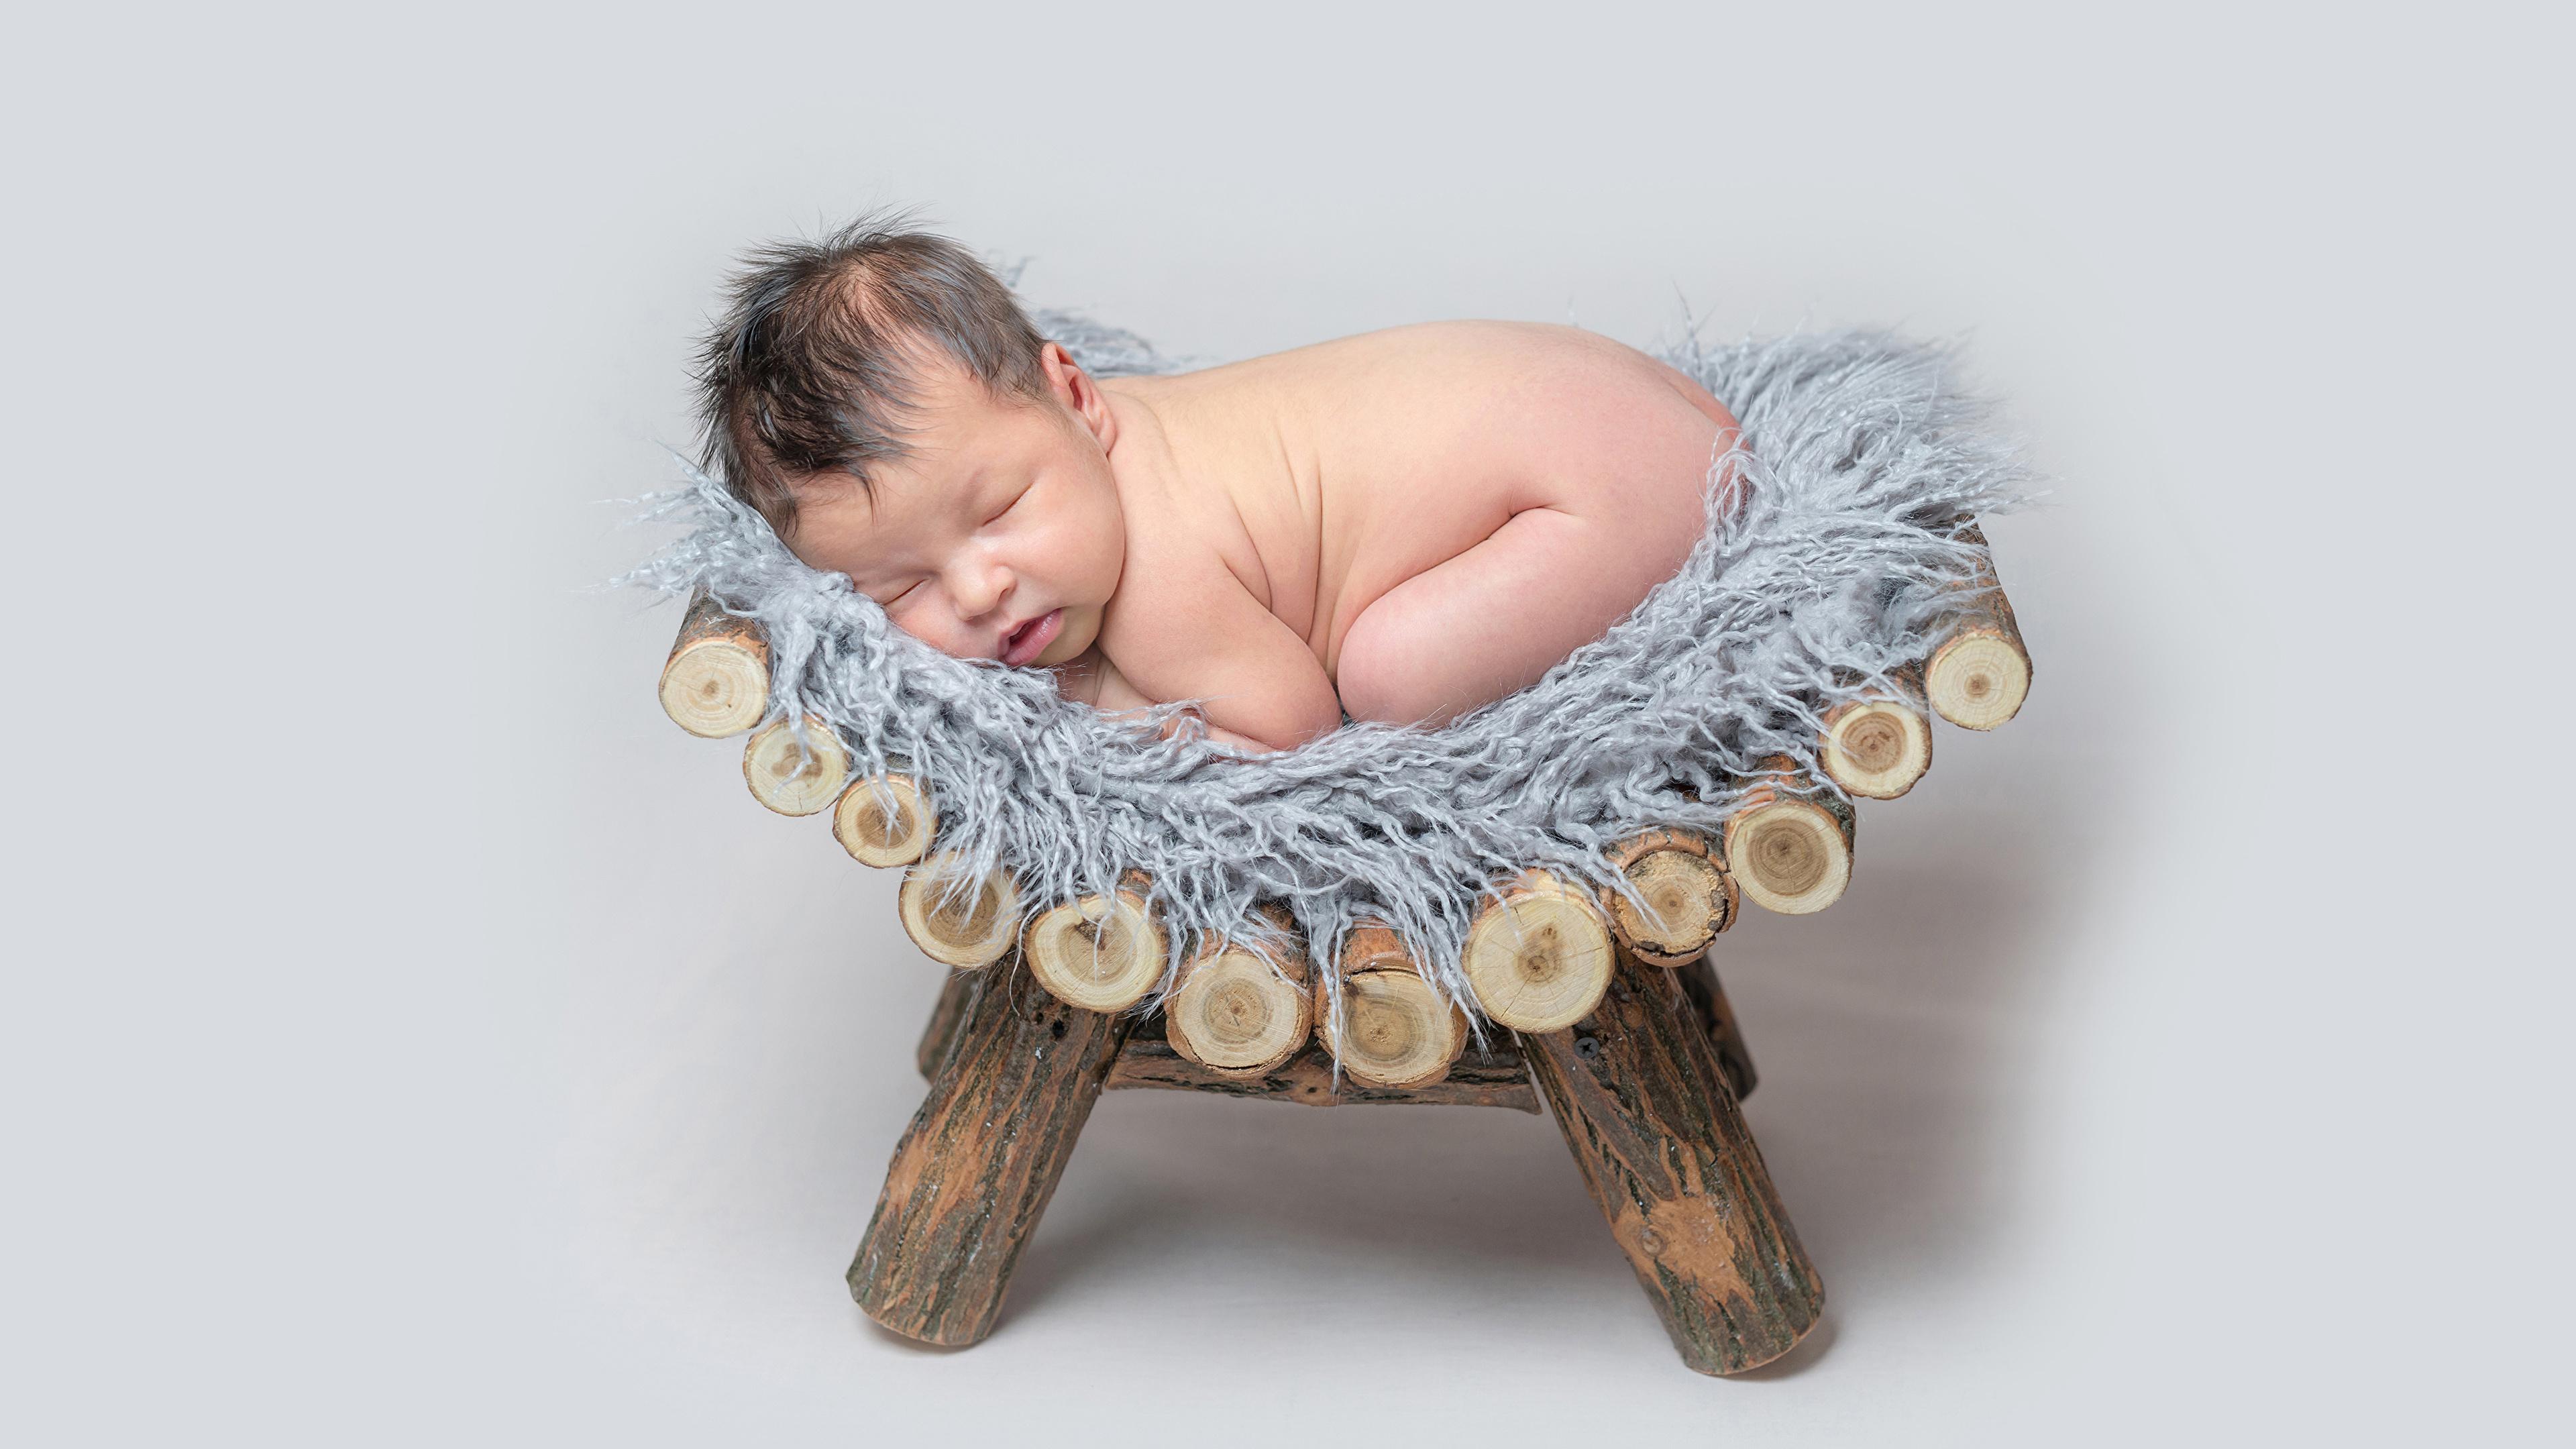 Обои младенца ребёнок спят Серый фон 3840x2160 Младенцы младенец грудной ребёнок Дети сон Спит спящий сером фоне